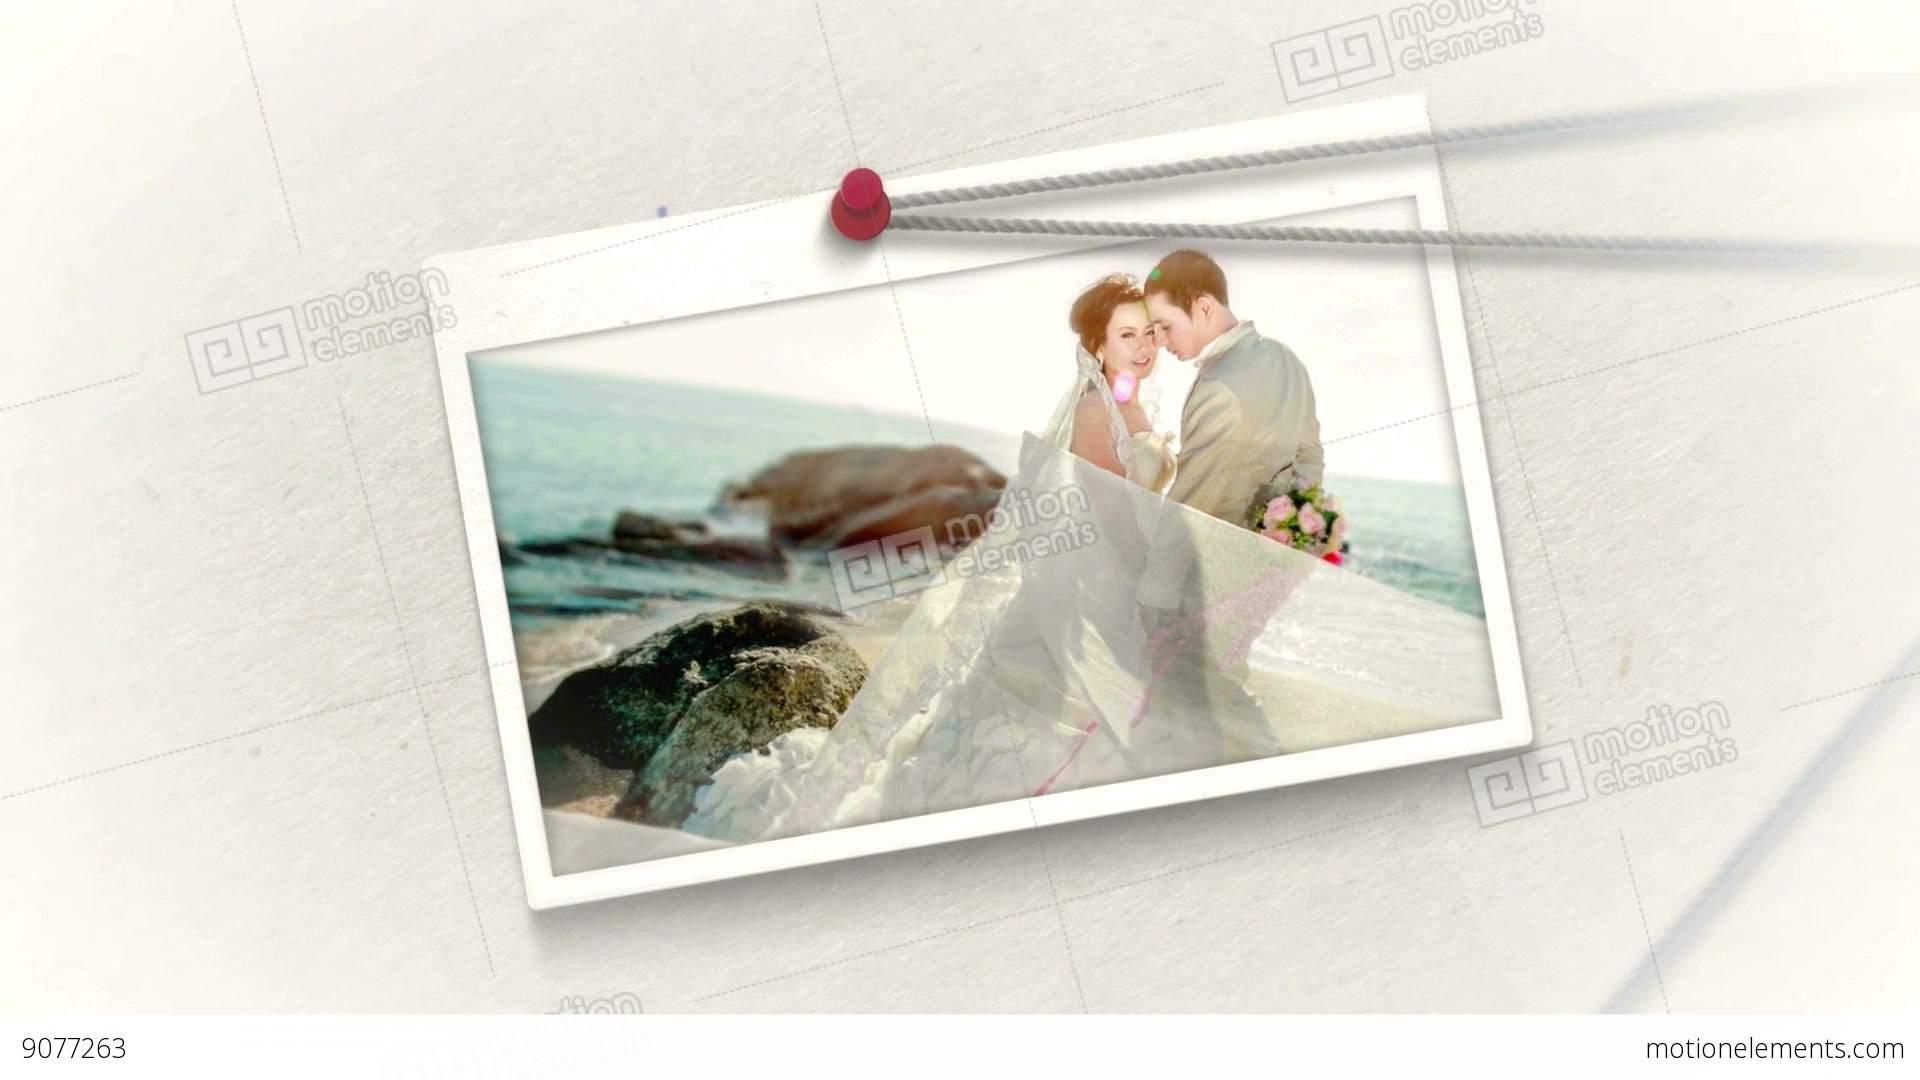 wedding slide invitation after effects templates 9077263. Black Bedroom Furniture Sets. Home Design Ideas